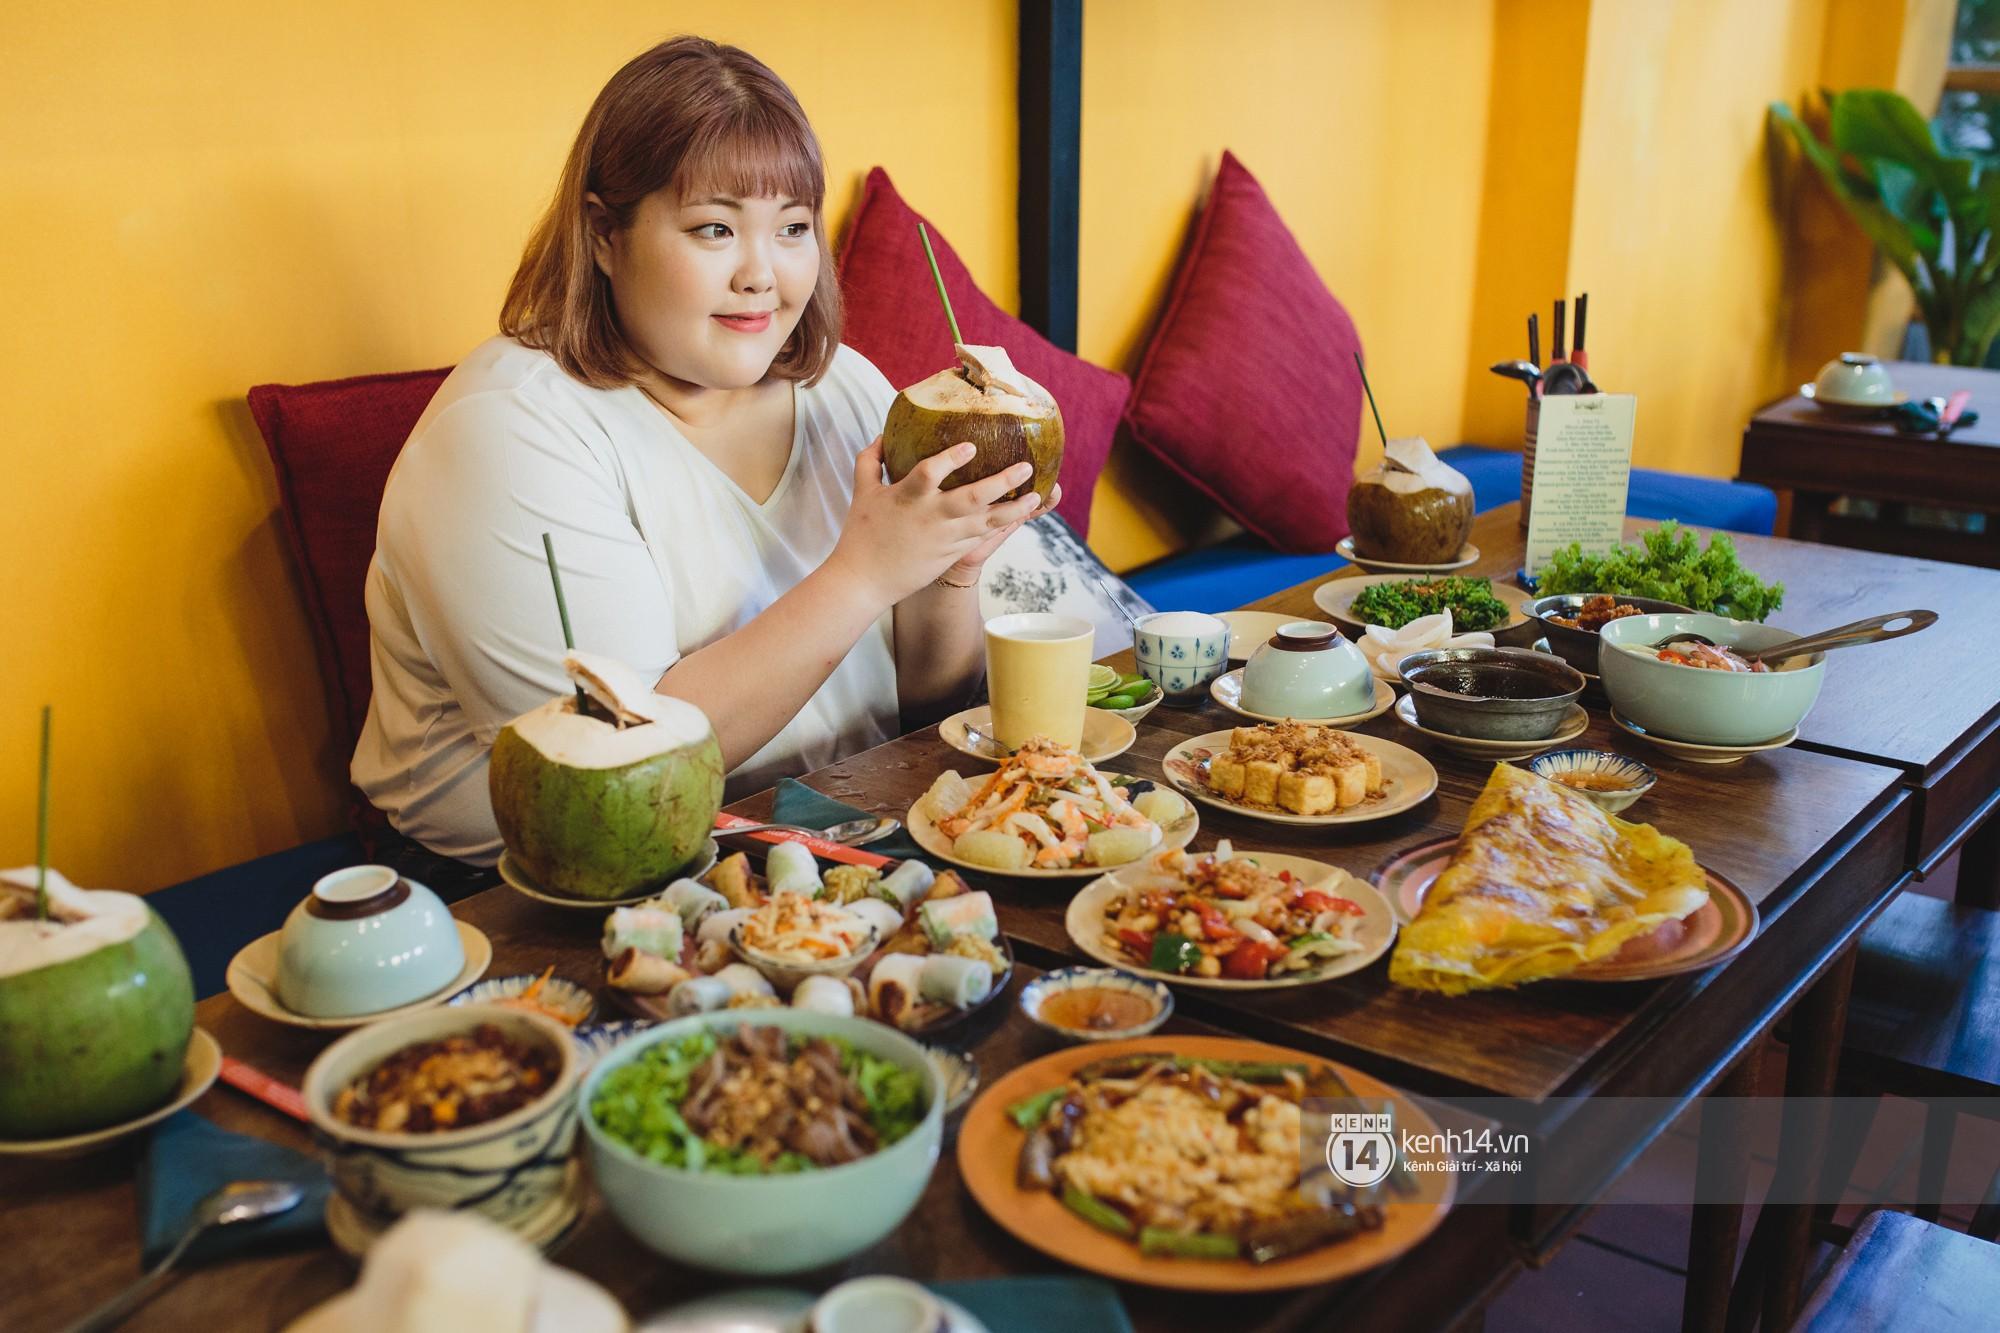 Nàng mập triệu view Hàn Quốc đến Việt Nam: Ăn cua hết 10 triệu, vẫn tiếc vì chưa kịp ăn bún chả - Ảnh 5.